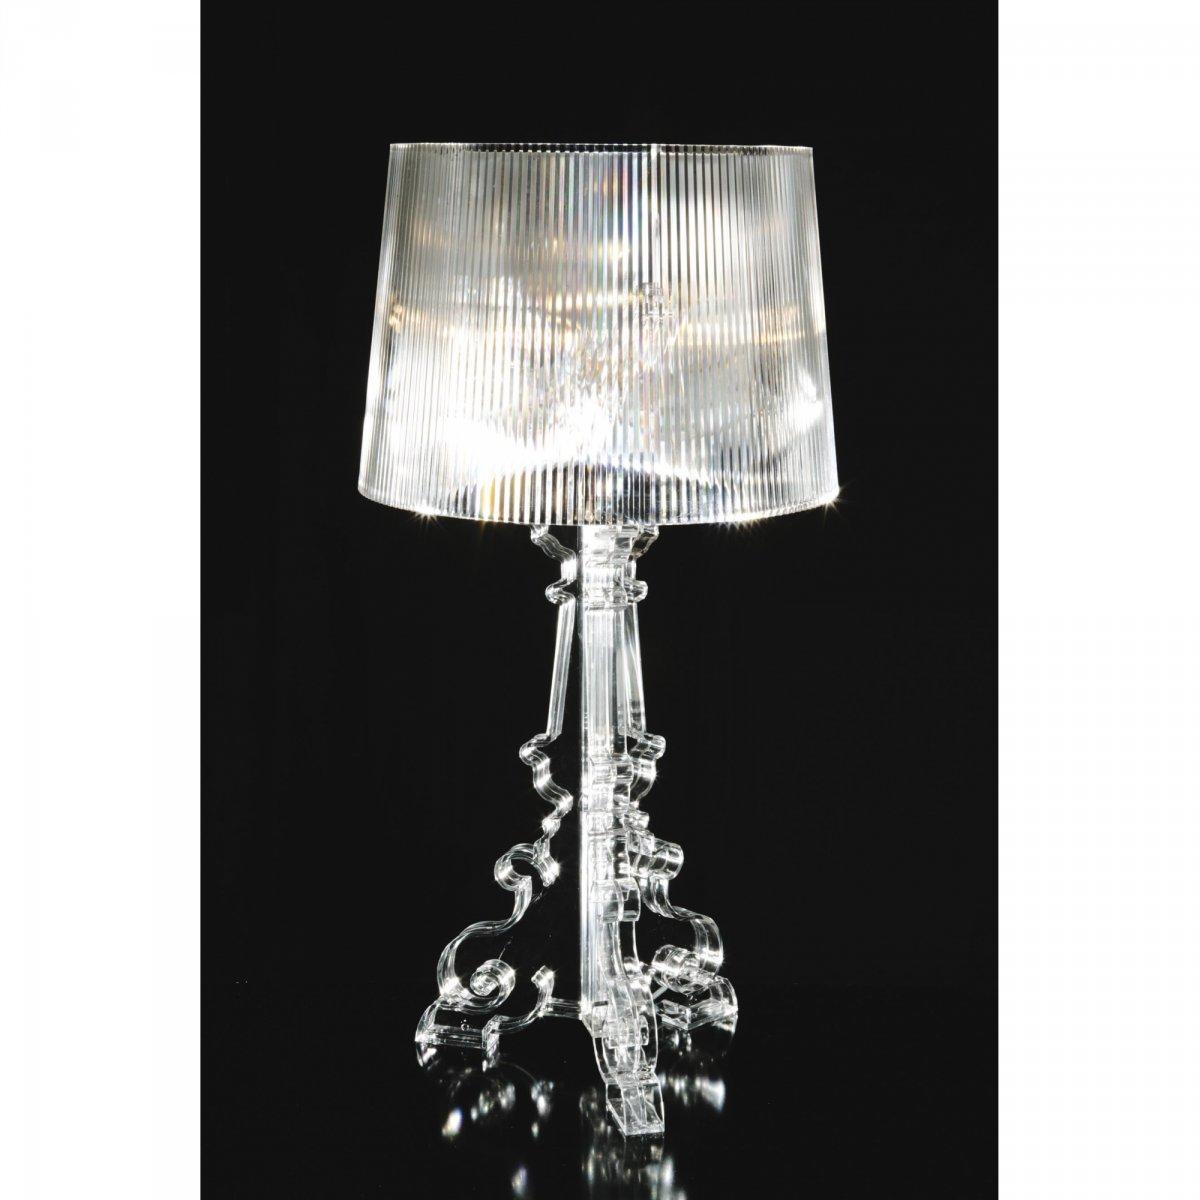 bourgie kartell lampade da tavolo in lista nozze mollura home design. Black Bedroom Furniture Sets. Home Design Ideas